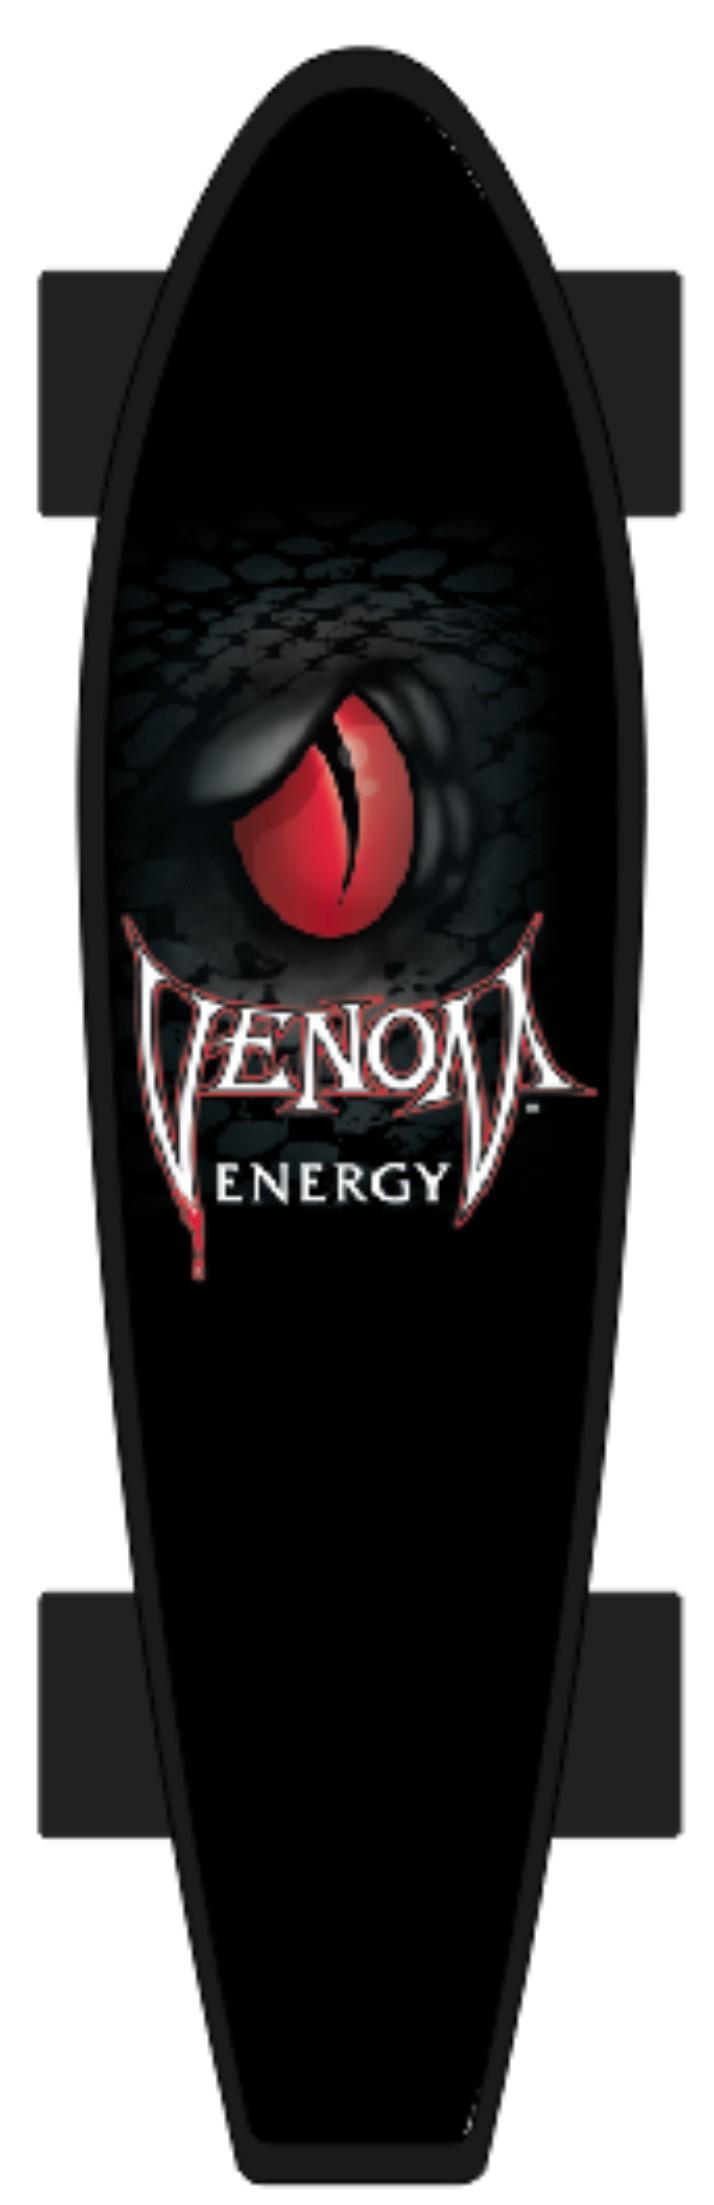 Venom Mini Retro Skateboard.jpg